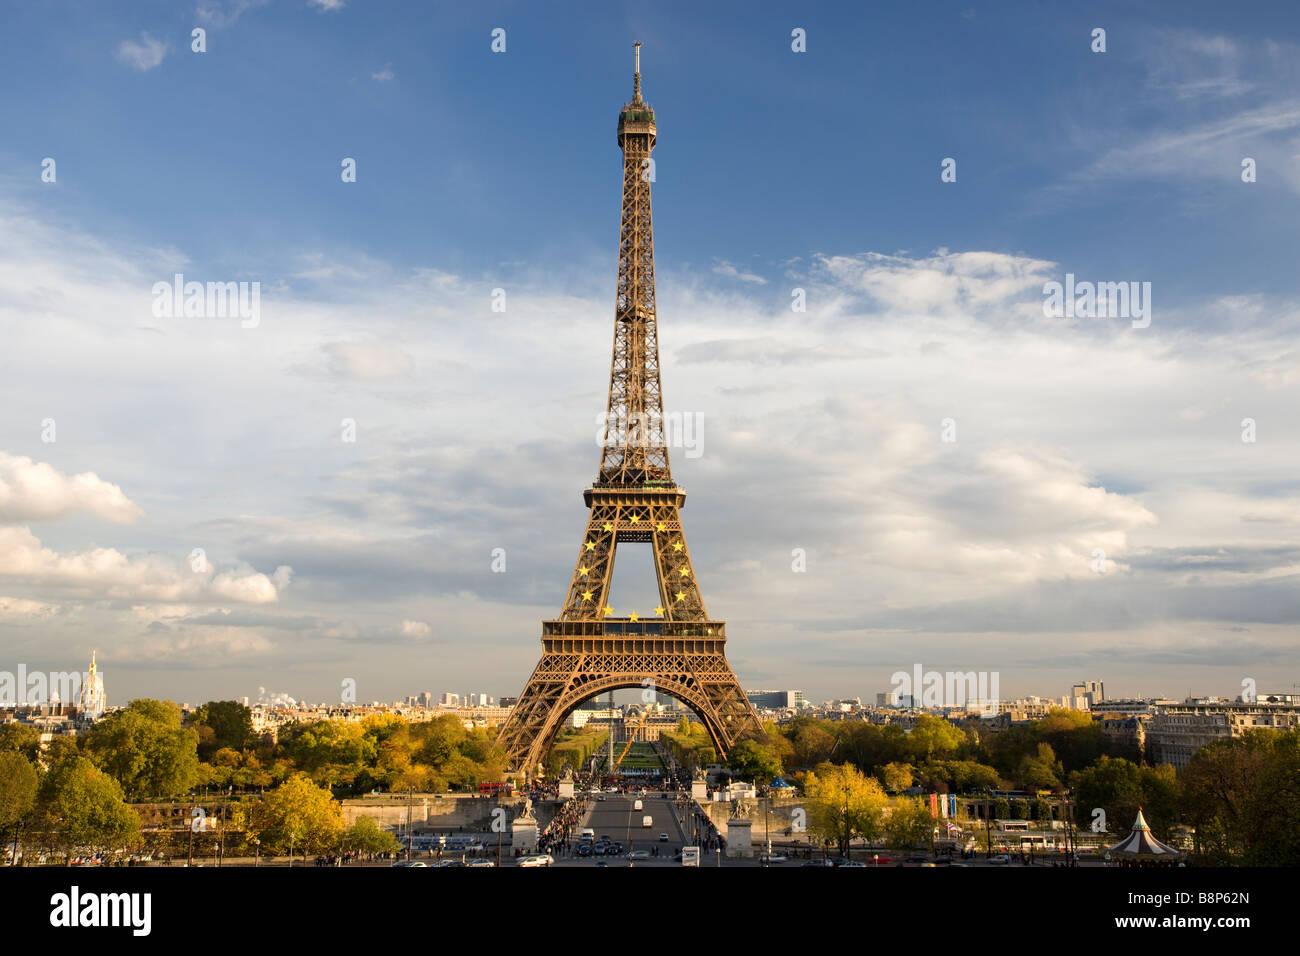 Torre Eiffel vista desde Trocadero París Francia Imagen De Stock